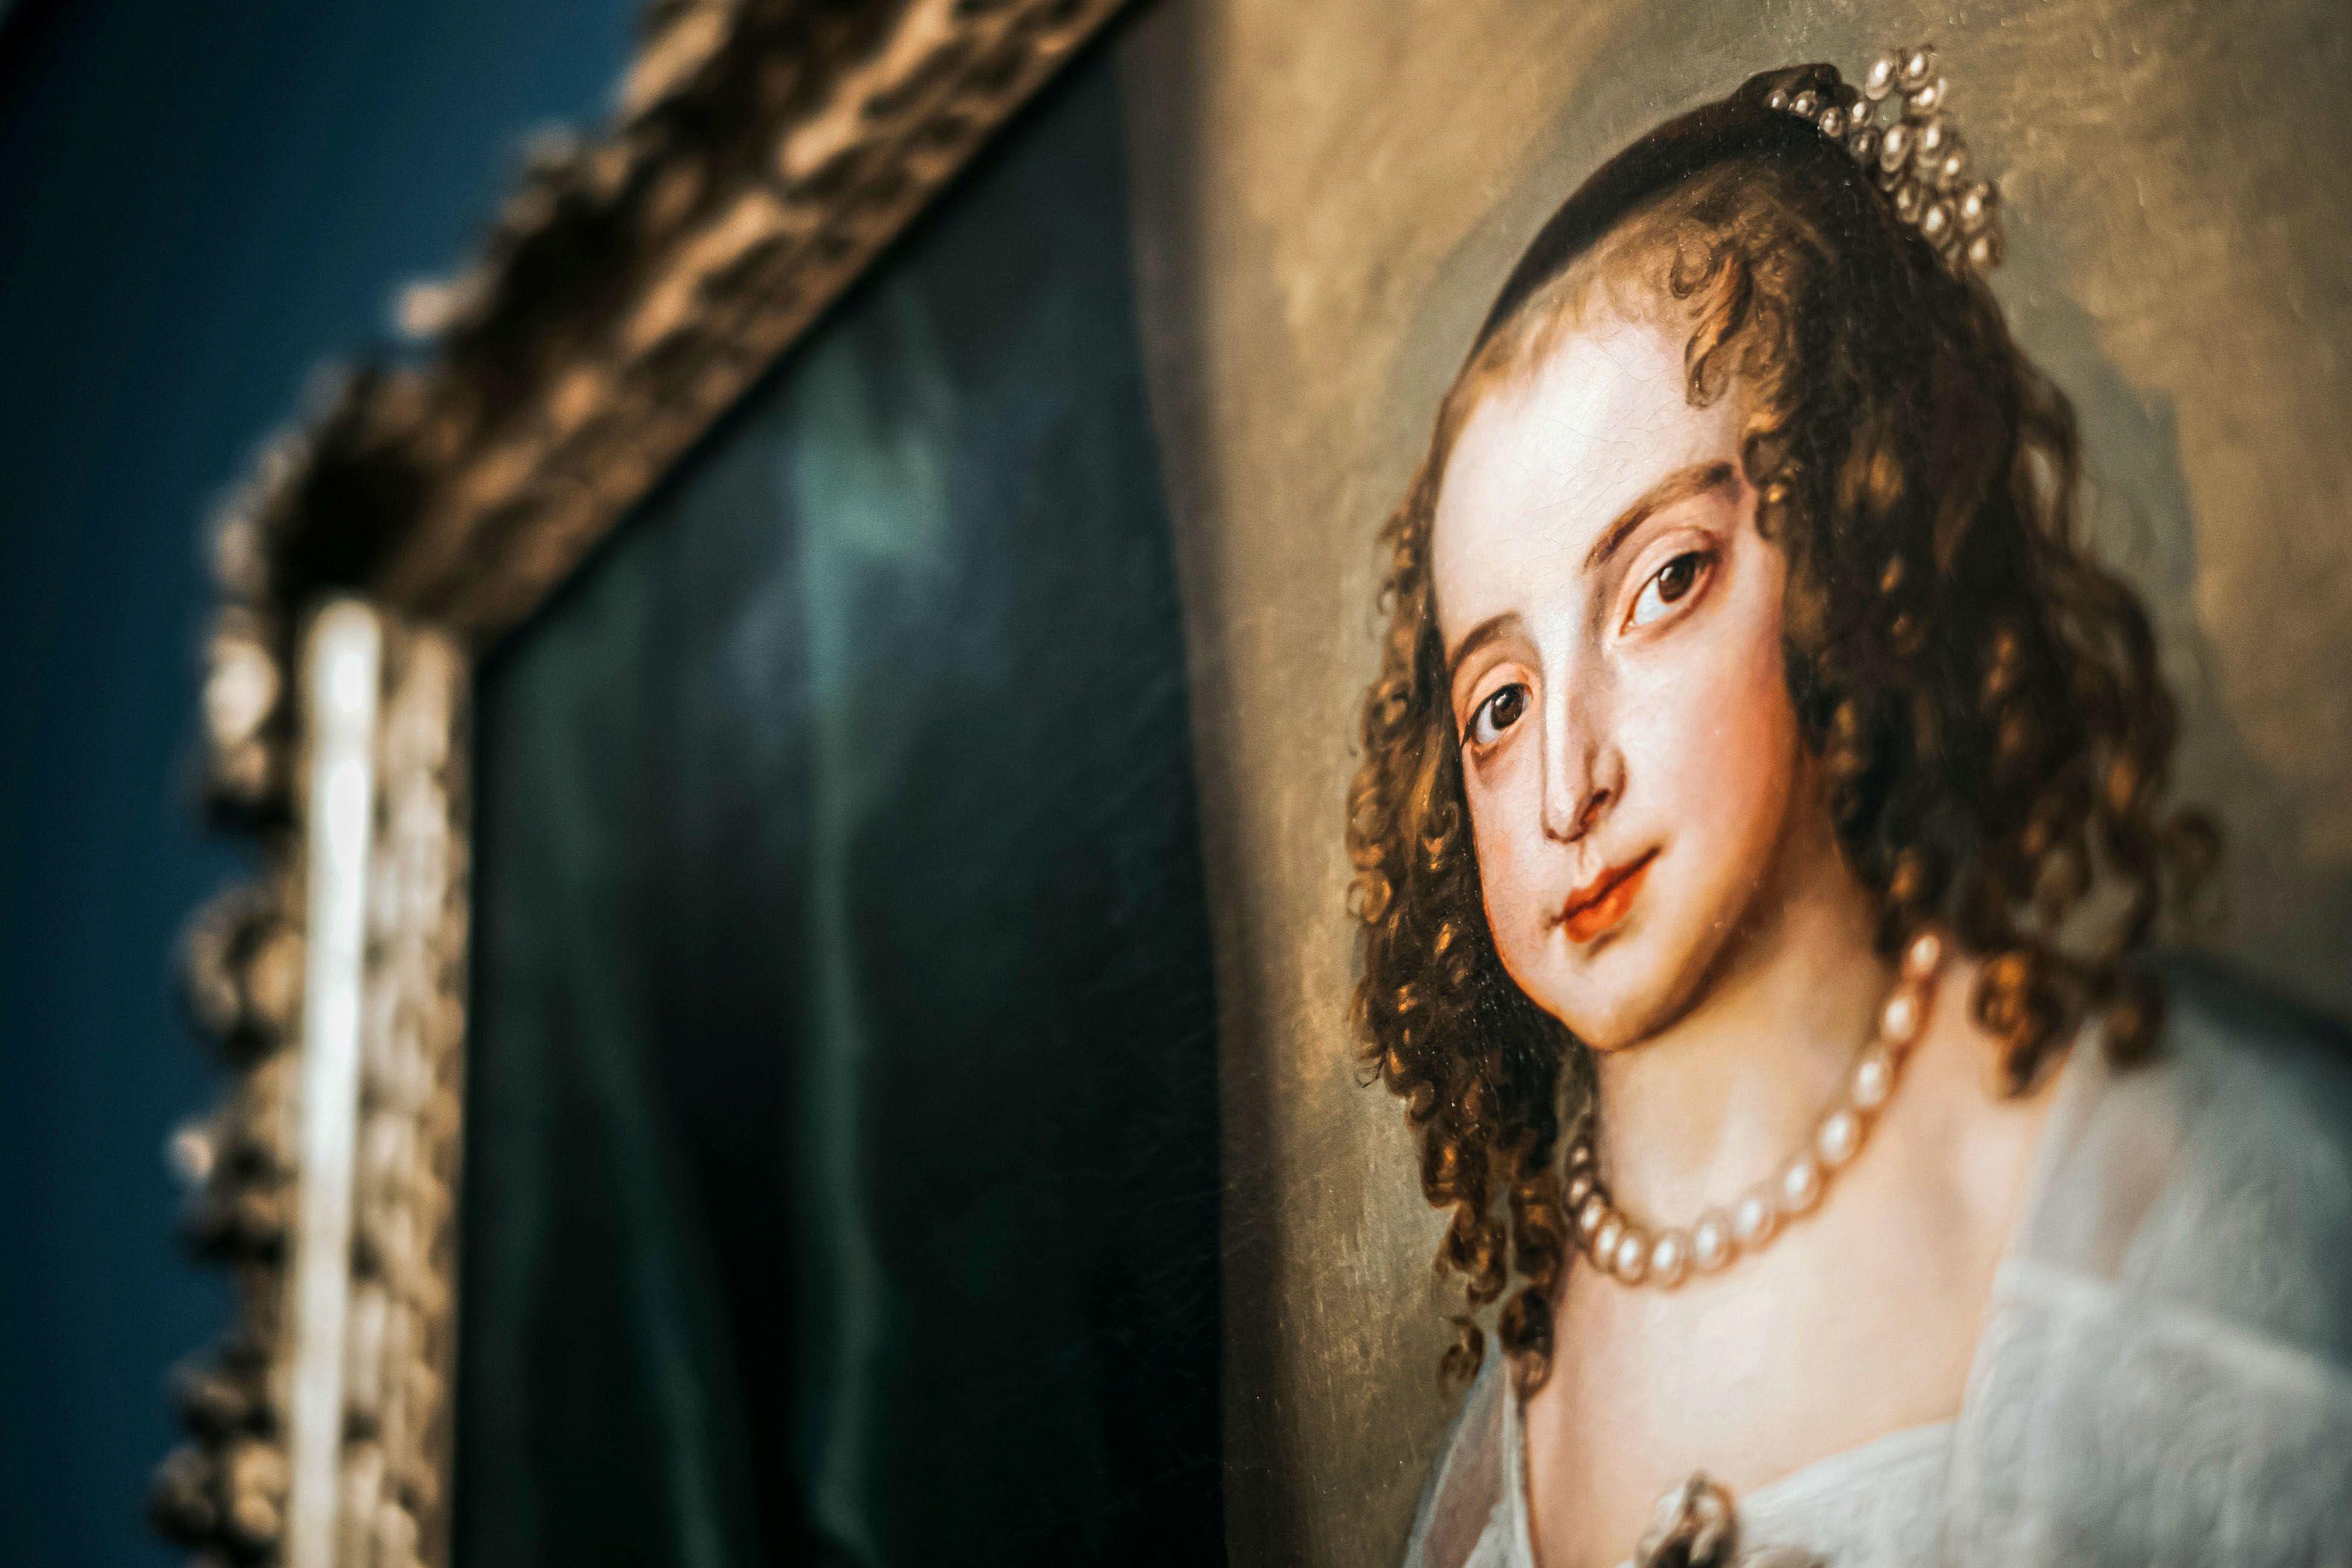 Image: 73903773, Szépművészeti Múzeum illusztrációk, legdrágább festmények. Anthonis van Dyck: Stuart Mária Henrietta hercegnő esküvői portréja, Place: Budapest, Hungary, Model Release: No or not aplicable, Property Release: Yes, Credit: smagpictures.com